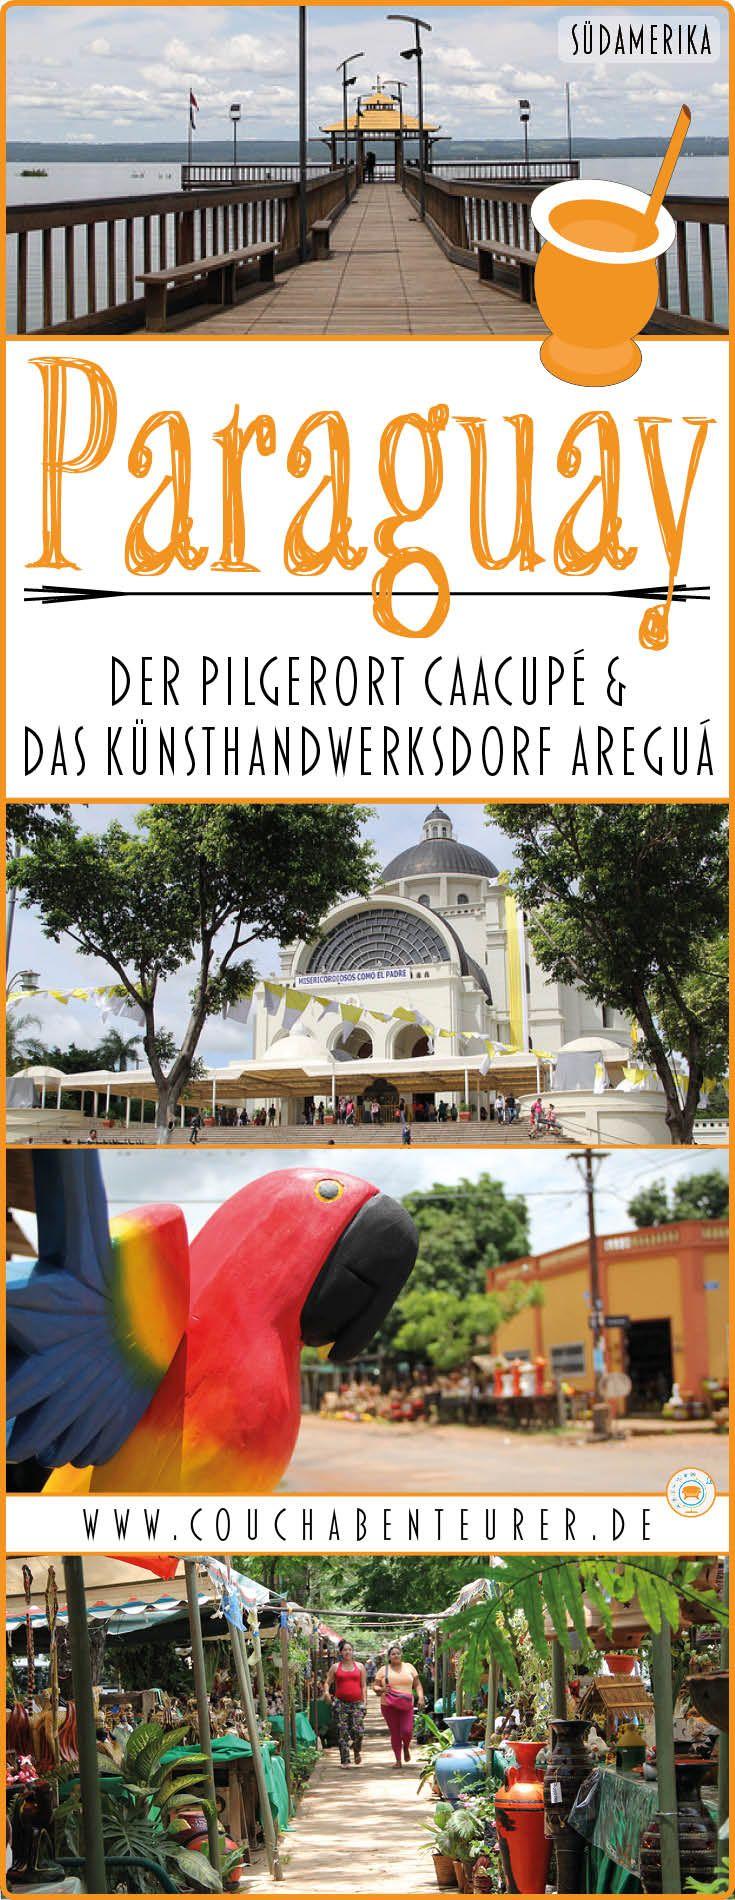 Folgt mir nach Südamerika und in dasin den Pilgerort Caacupé und in das Künstlerdorf Areguá in Paraguay.  #südamerika #paraguay #aregua #caacupe #reisen #urlaub #ferien